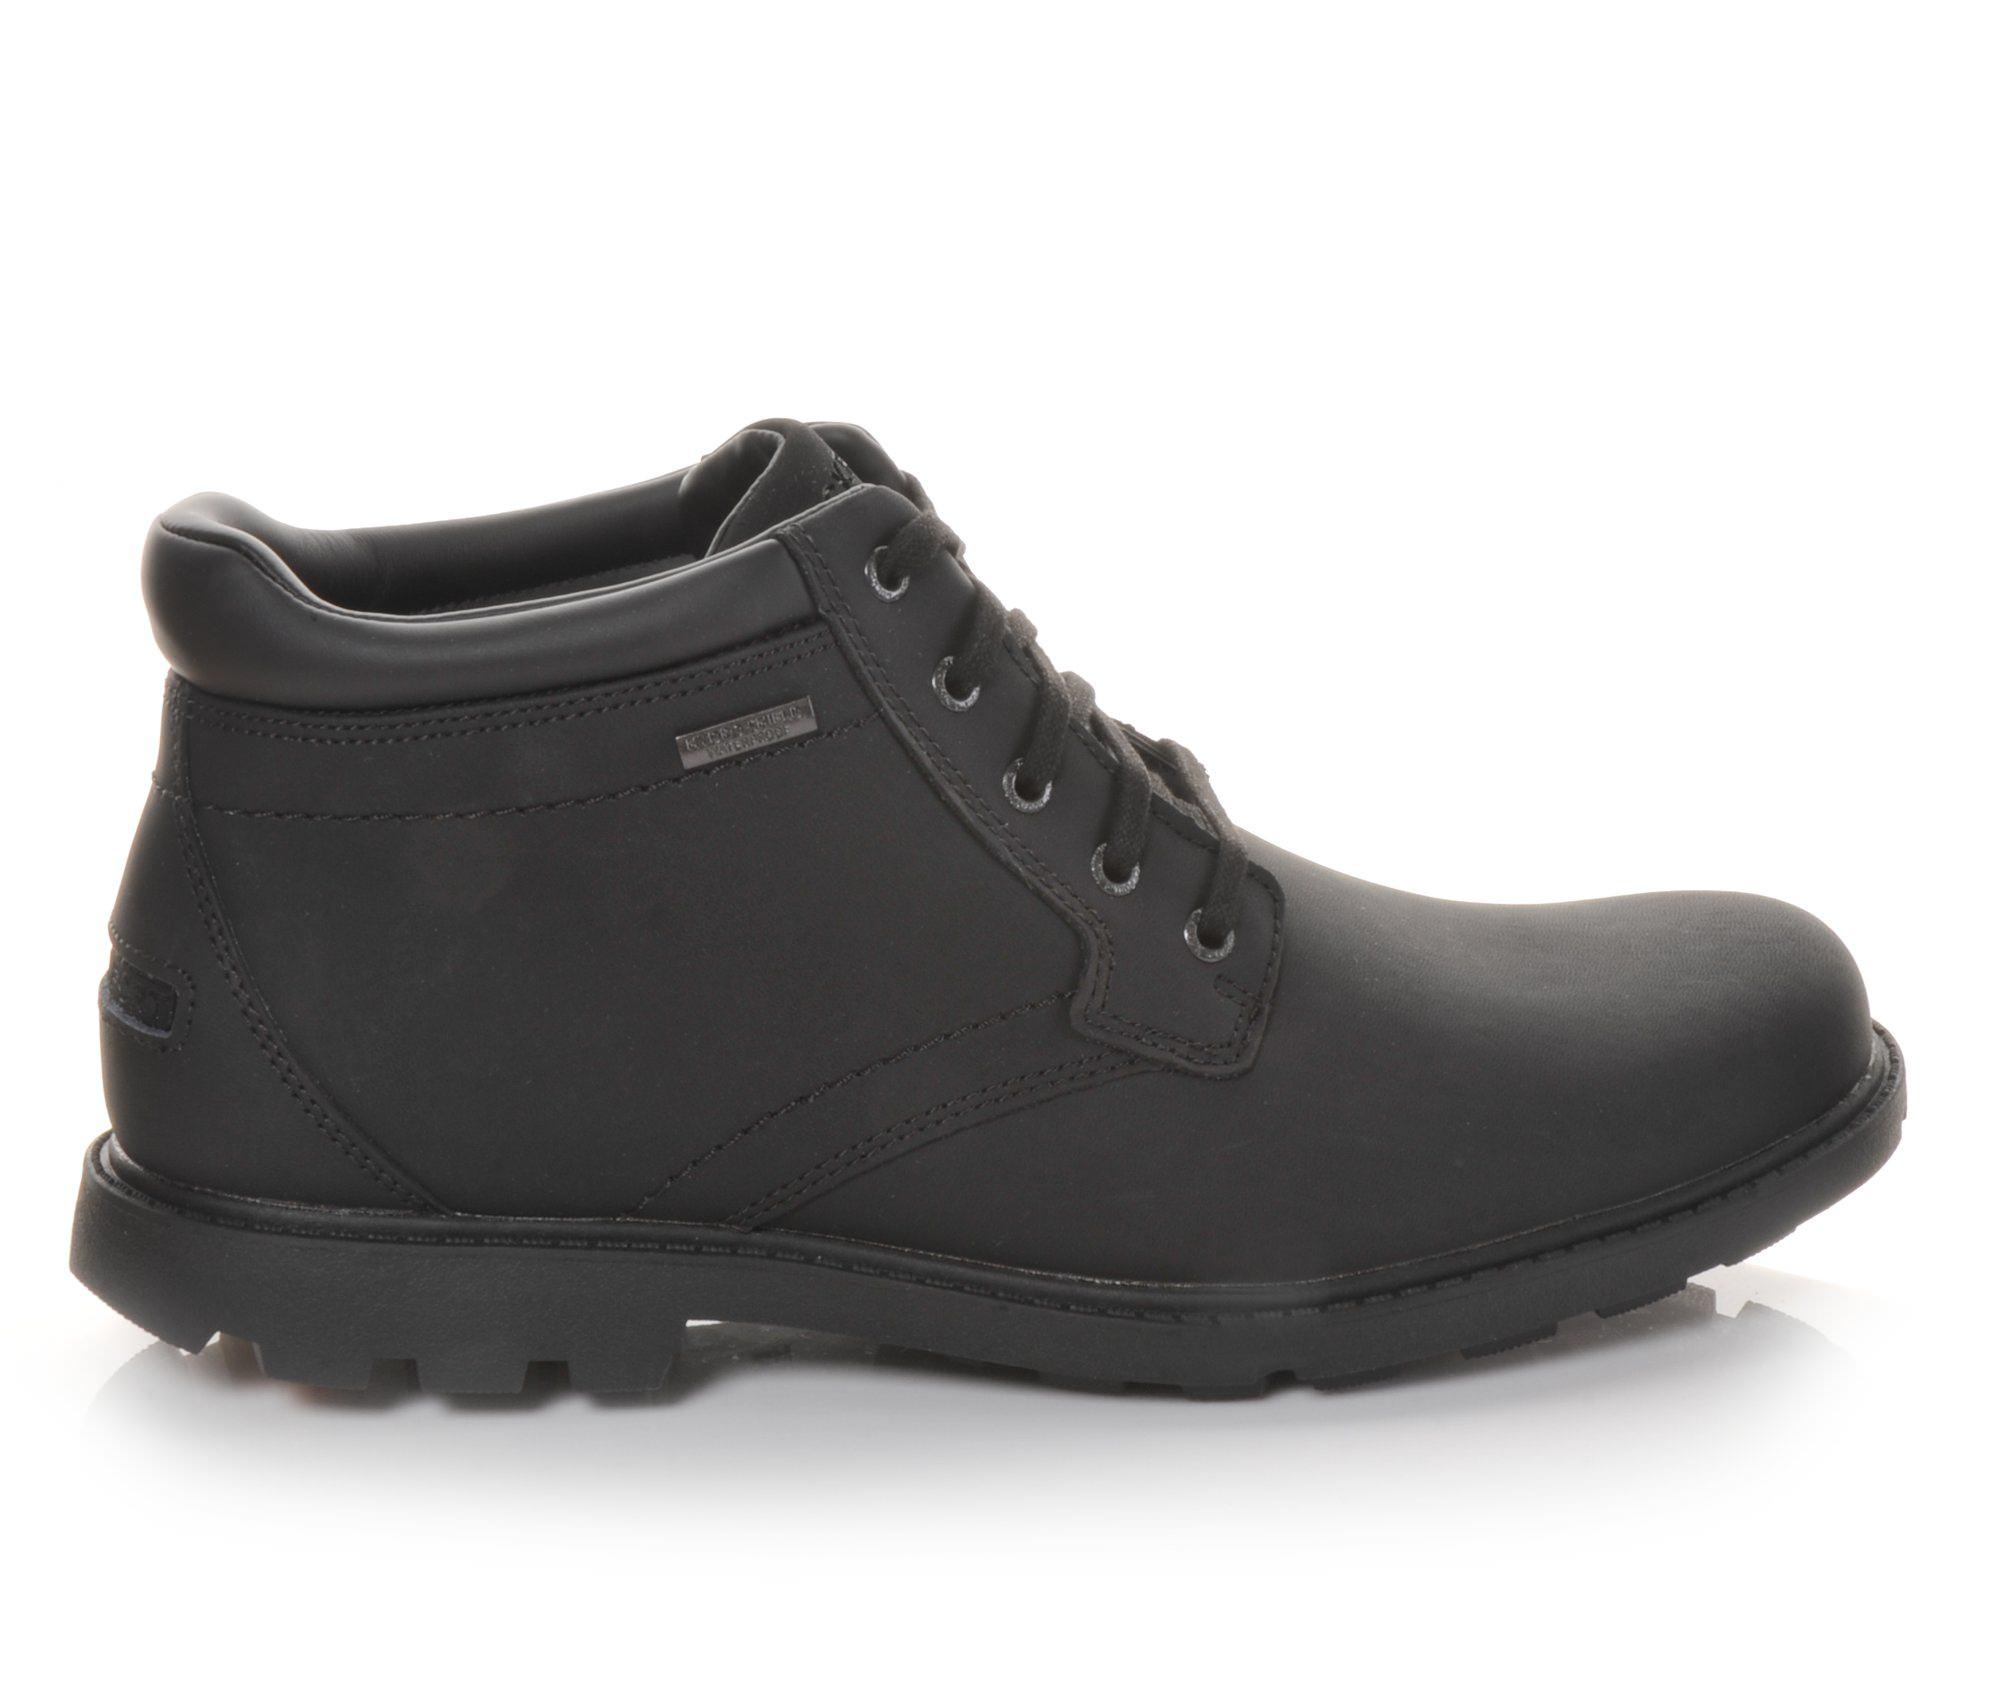 Rockport Storm Surge Men's Boots (Black Leather)